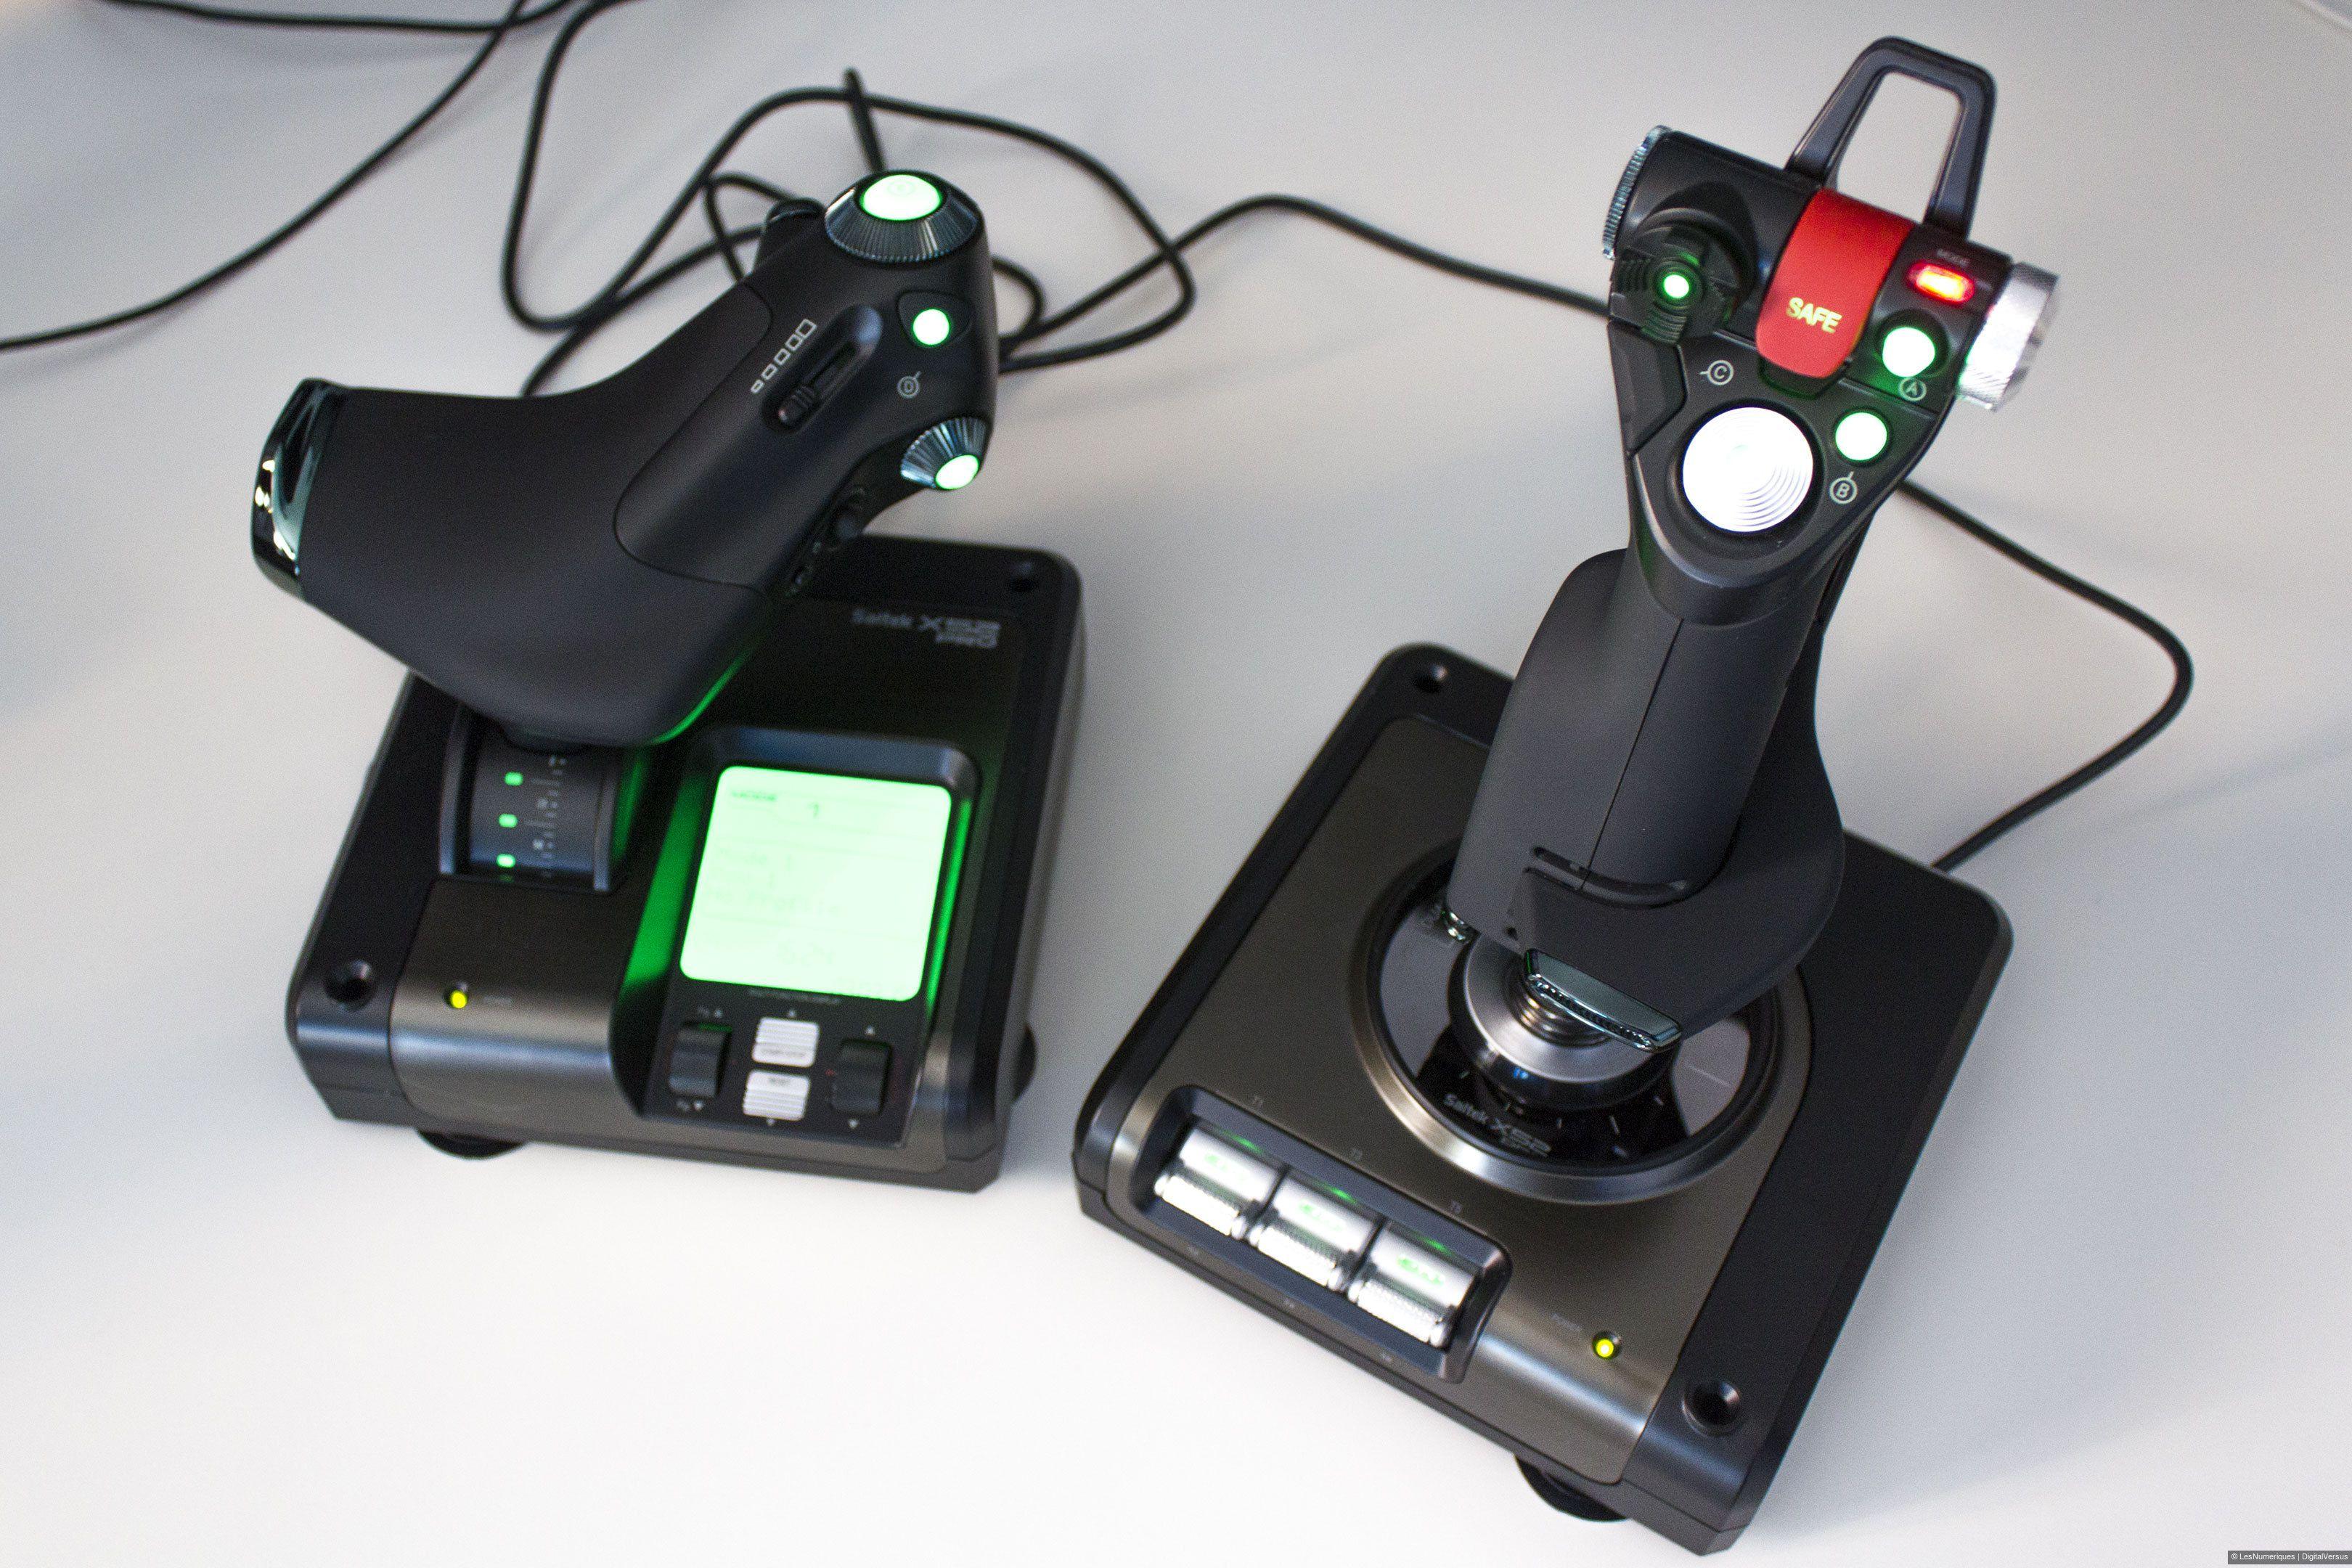 bfcd62e1222 Saitek X52 Pro : test, prix et fiche technique - Joystick - Les ...